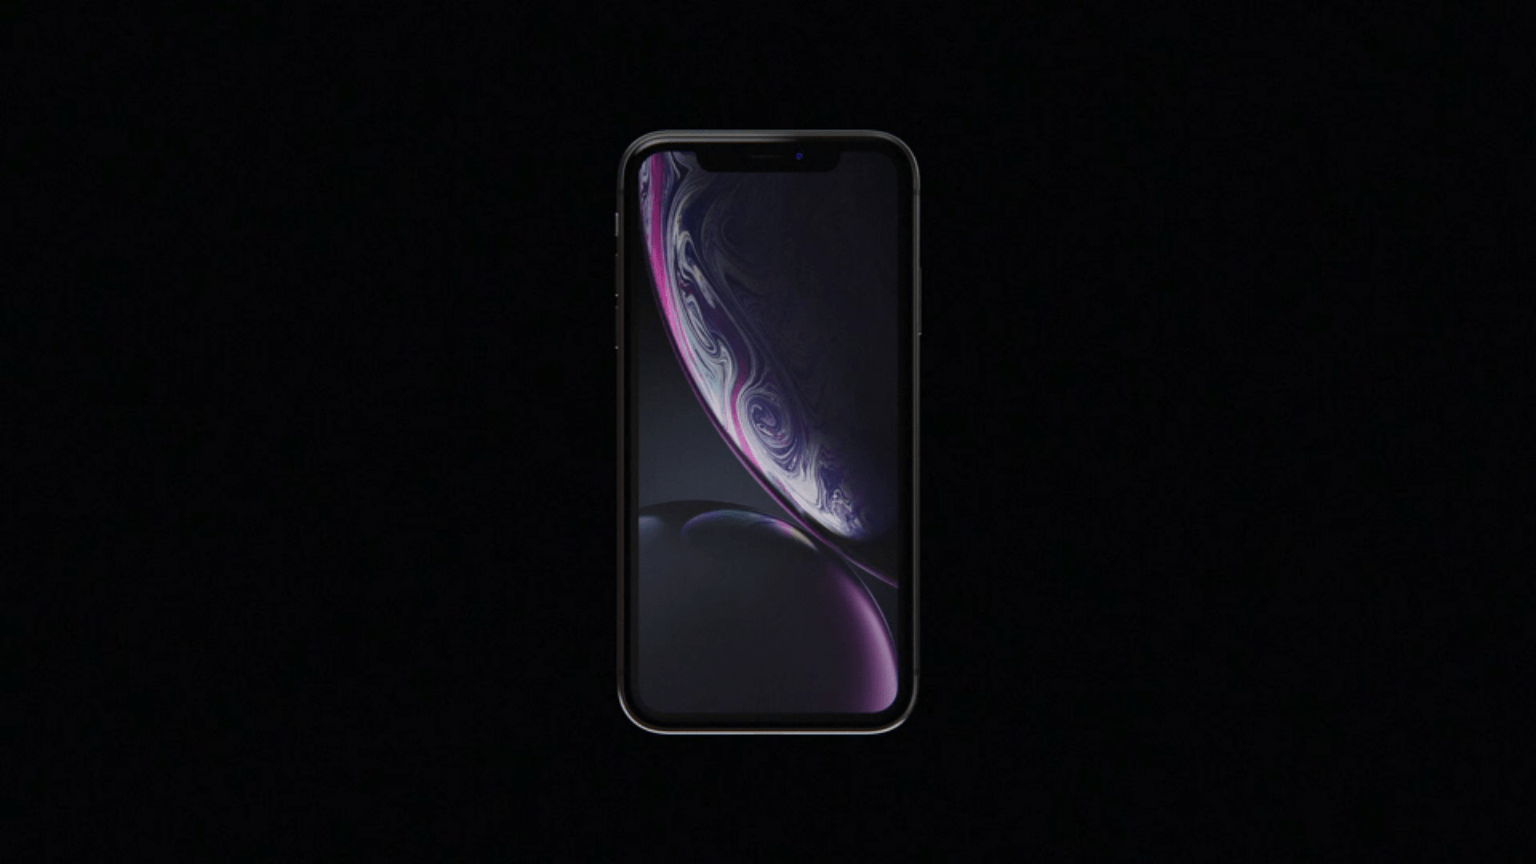 Обои На Телефон Айфон Xs Max